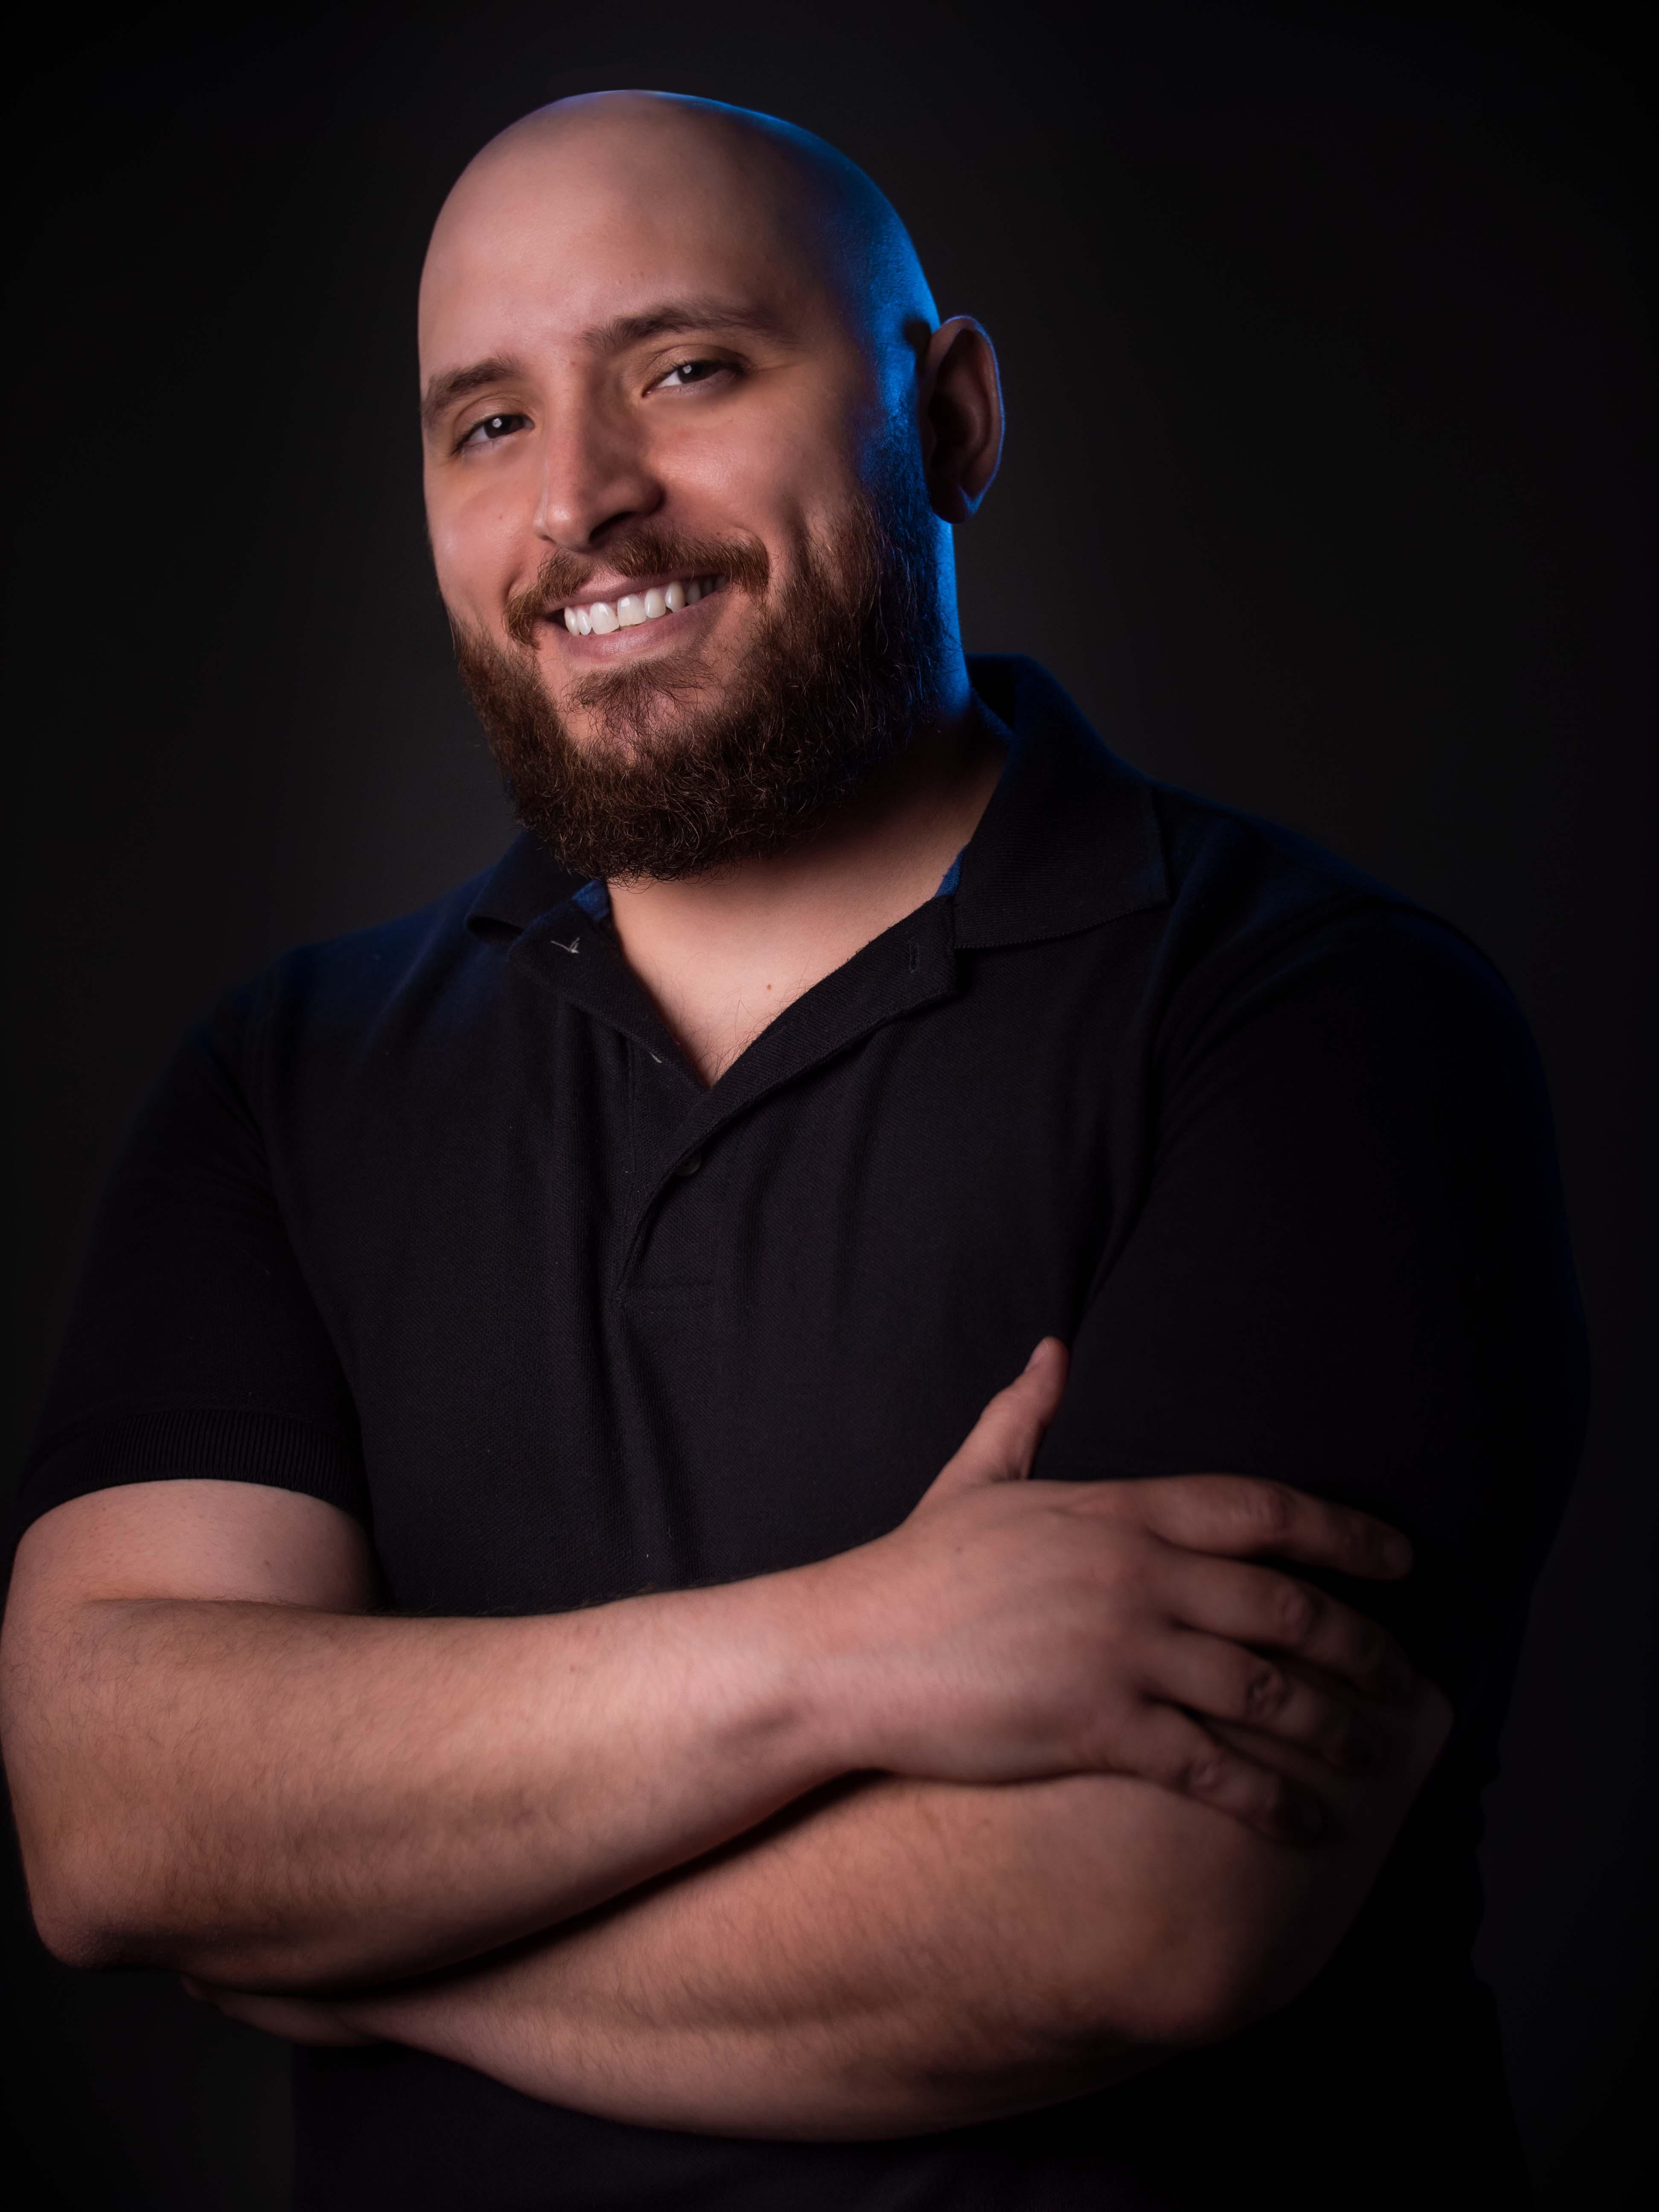 Chris Babadelis